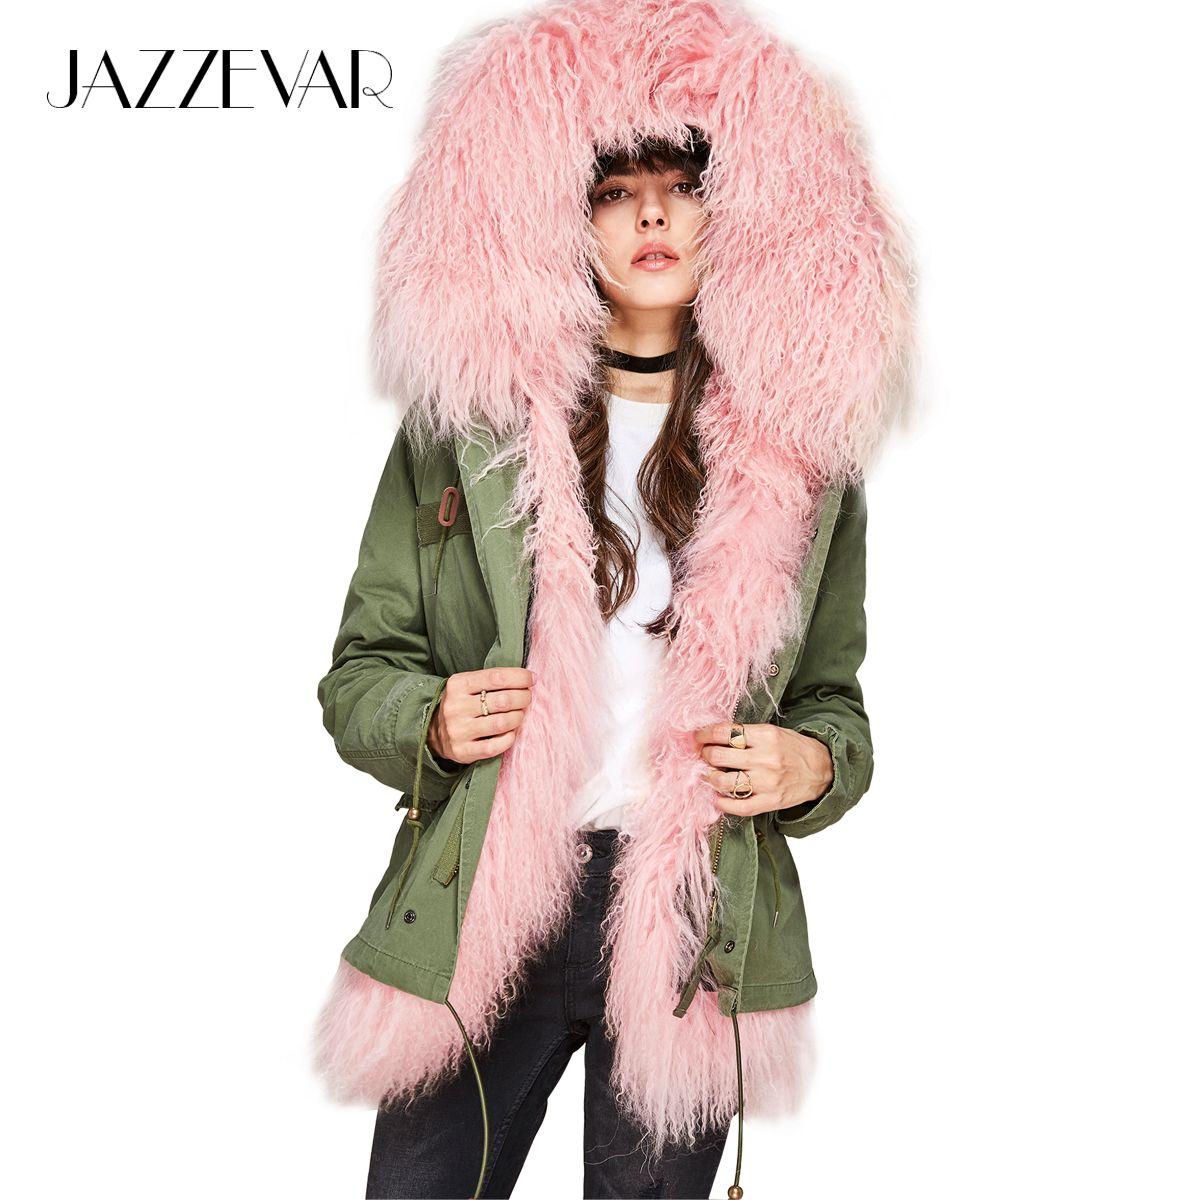 JAZZEVAR Neue 2018 Winter Fashion damen lammfell lamm pelz mini parka Luxuriöse mongolei schafe fell Kapuze Mantel Outwear Jacke